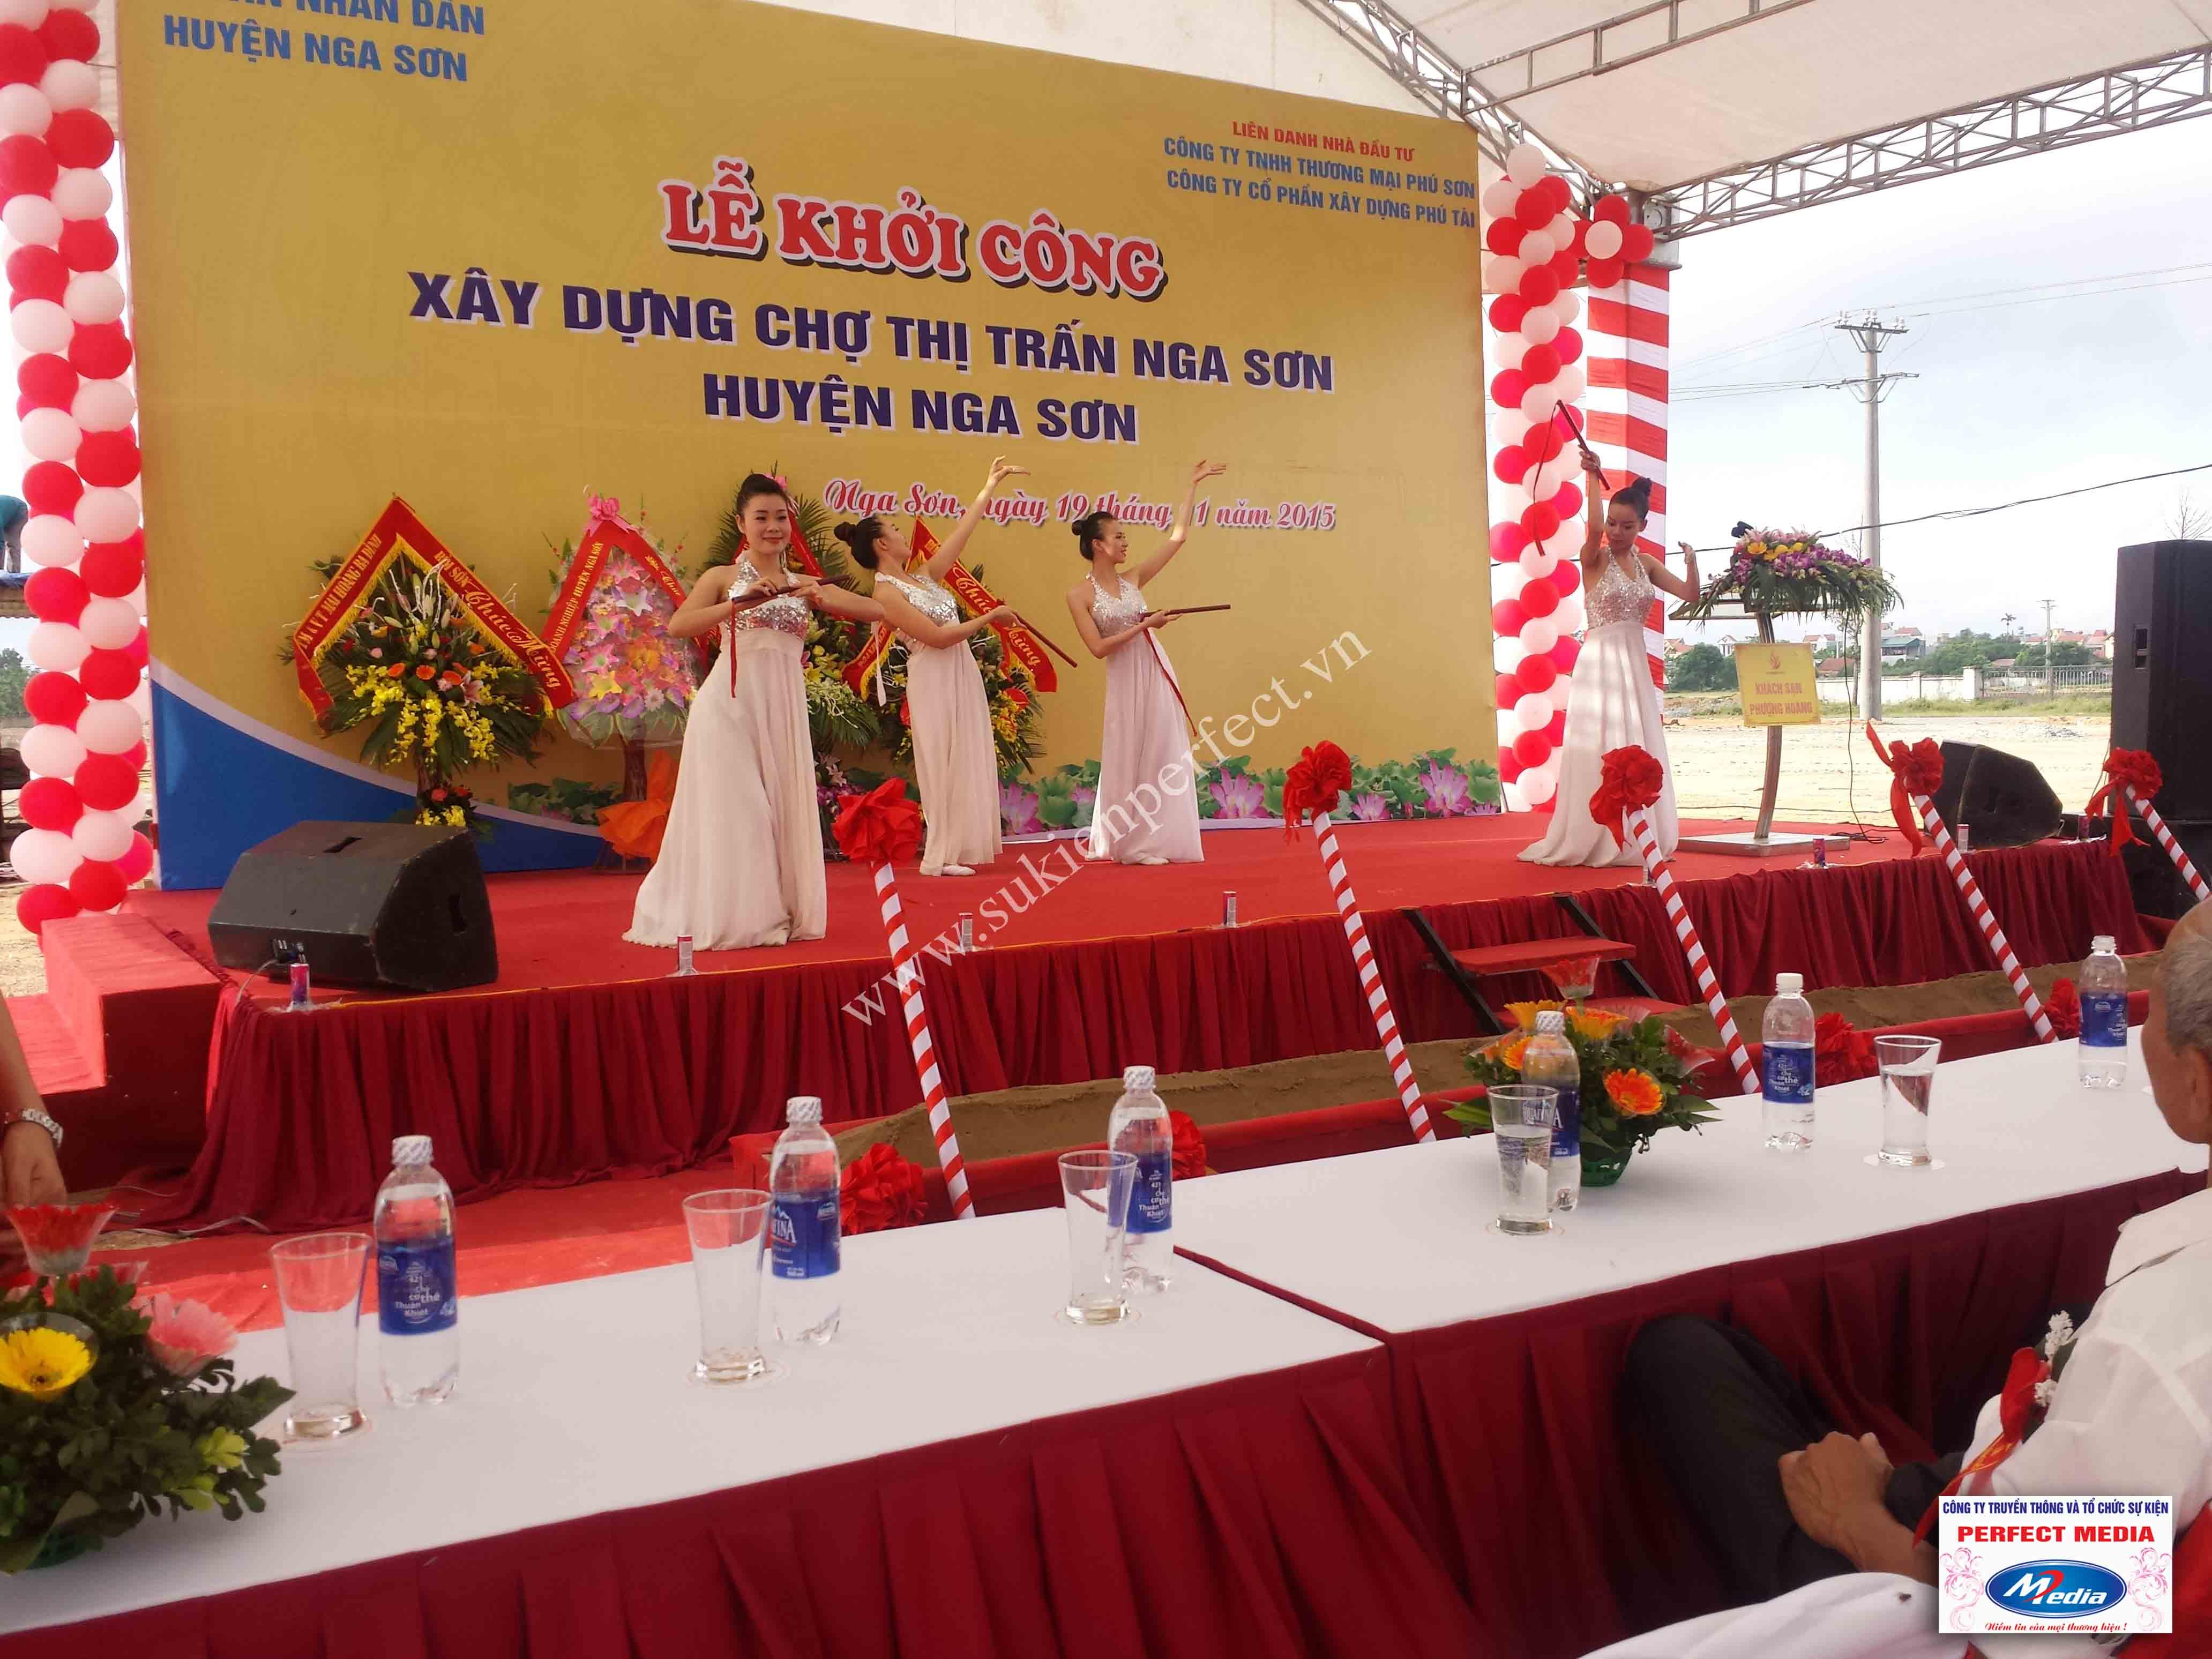 Hình ảnh hội trường lễ khởi công xây dựng chợ thị trấn huyện Nga Sơn 10